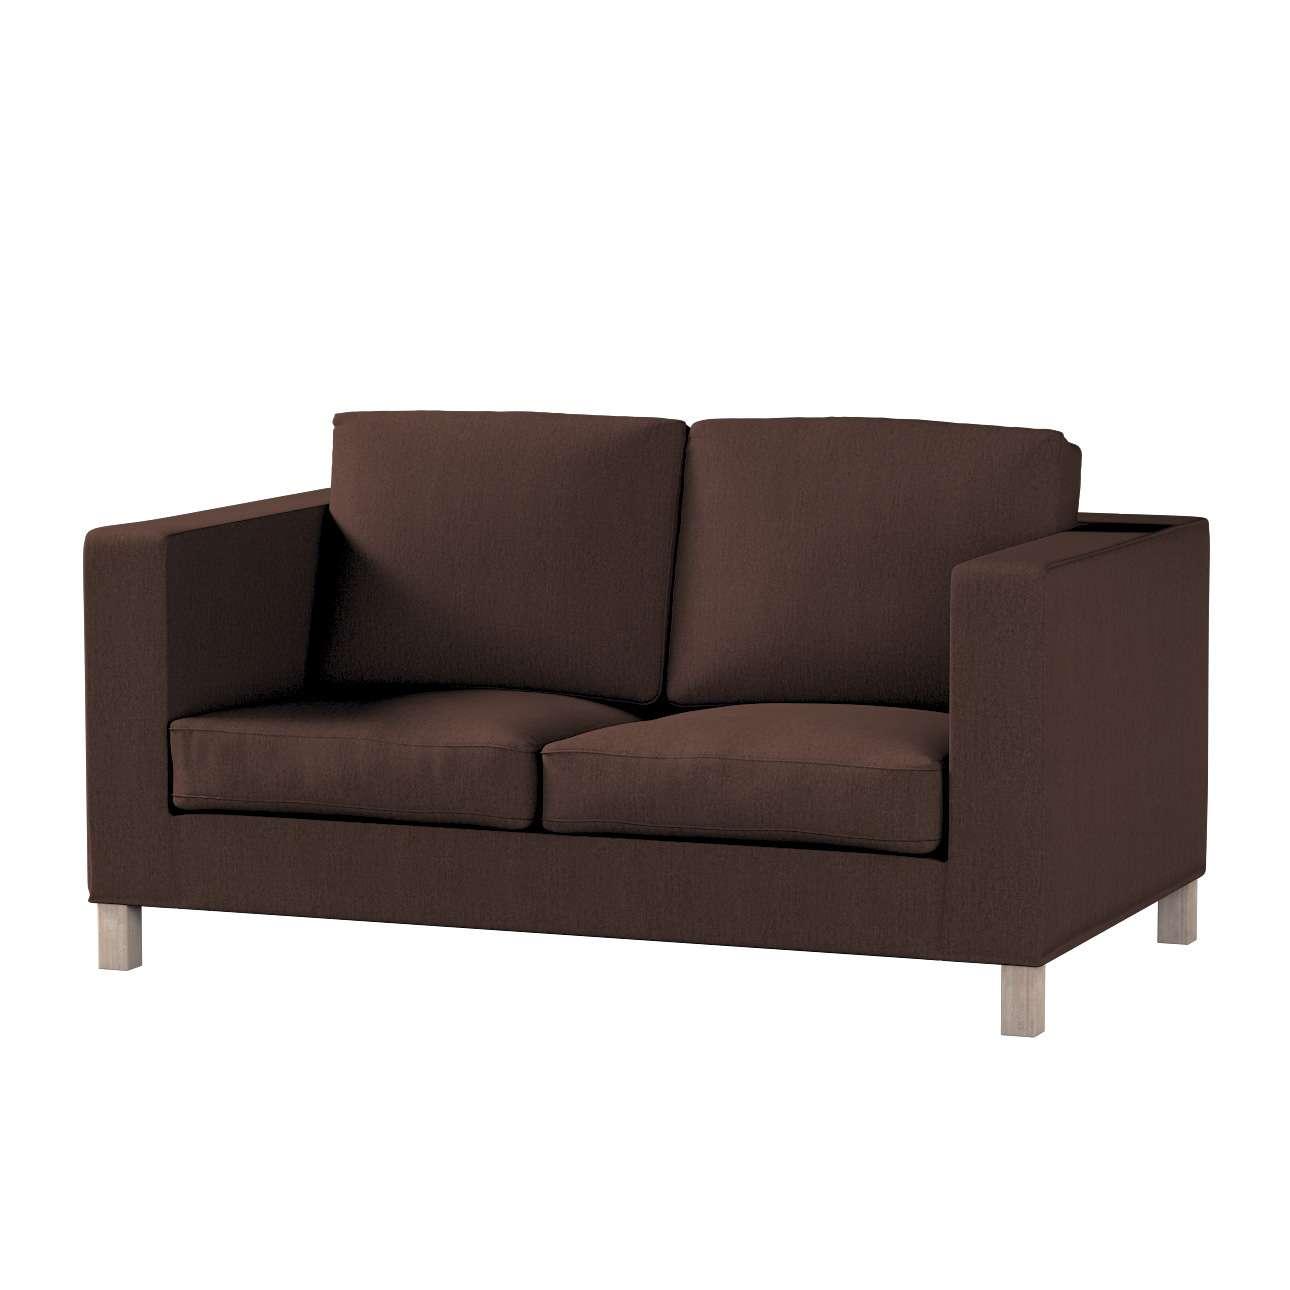 Karlanda klädsel<br>2-sits soffa - kort klädsel i kollektionen Chenille, Tyg: 702-18